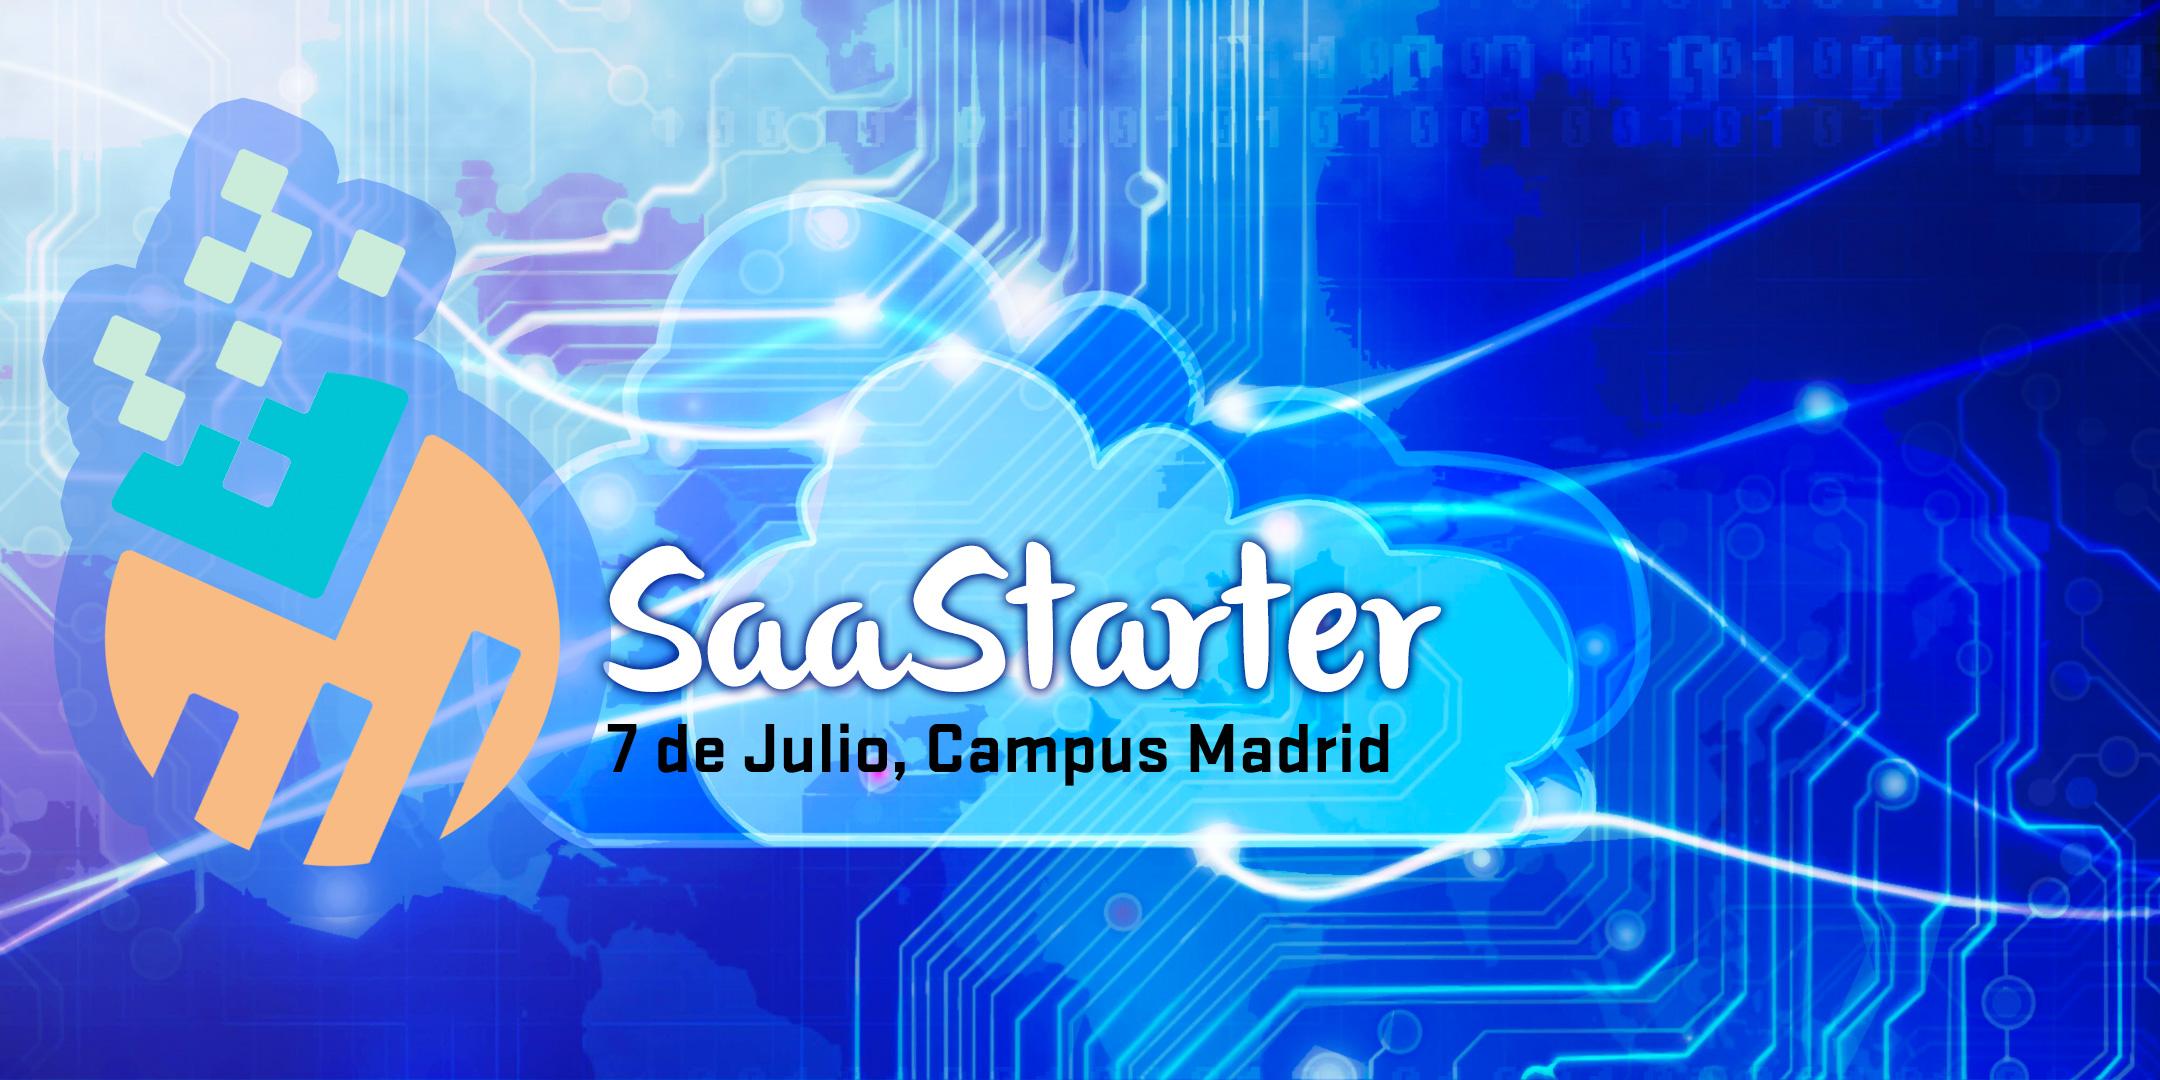 SaaStarter 2016